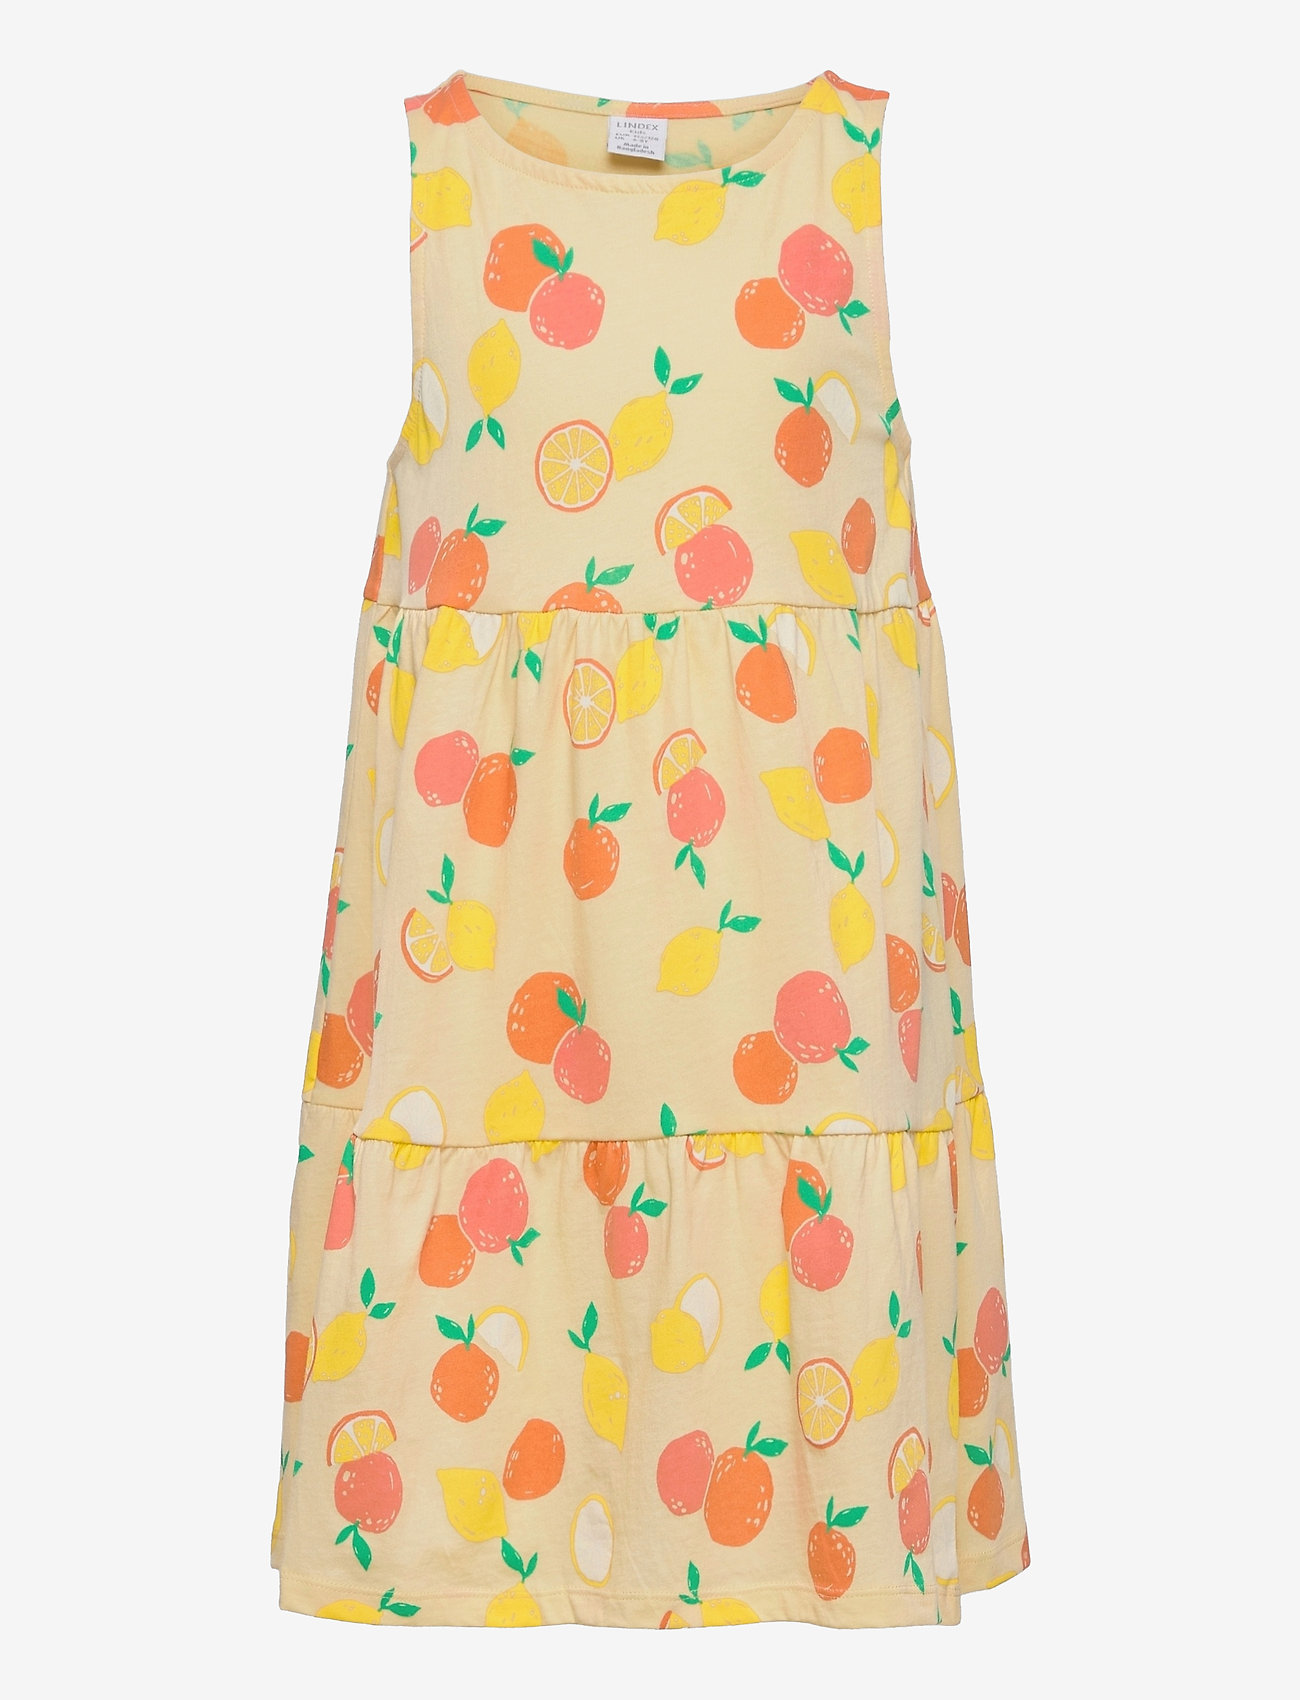 Lindex - Dress straps - kleider - yellow - 0